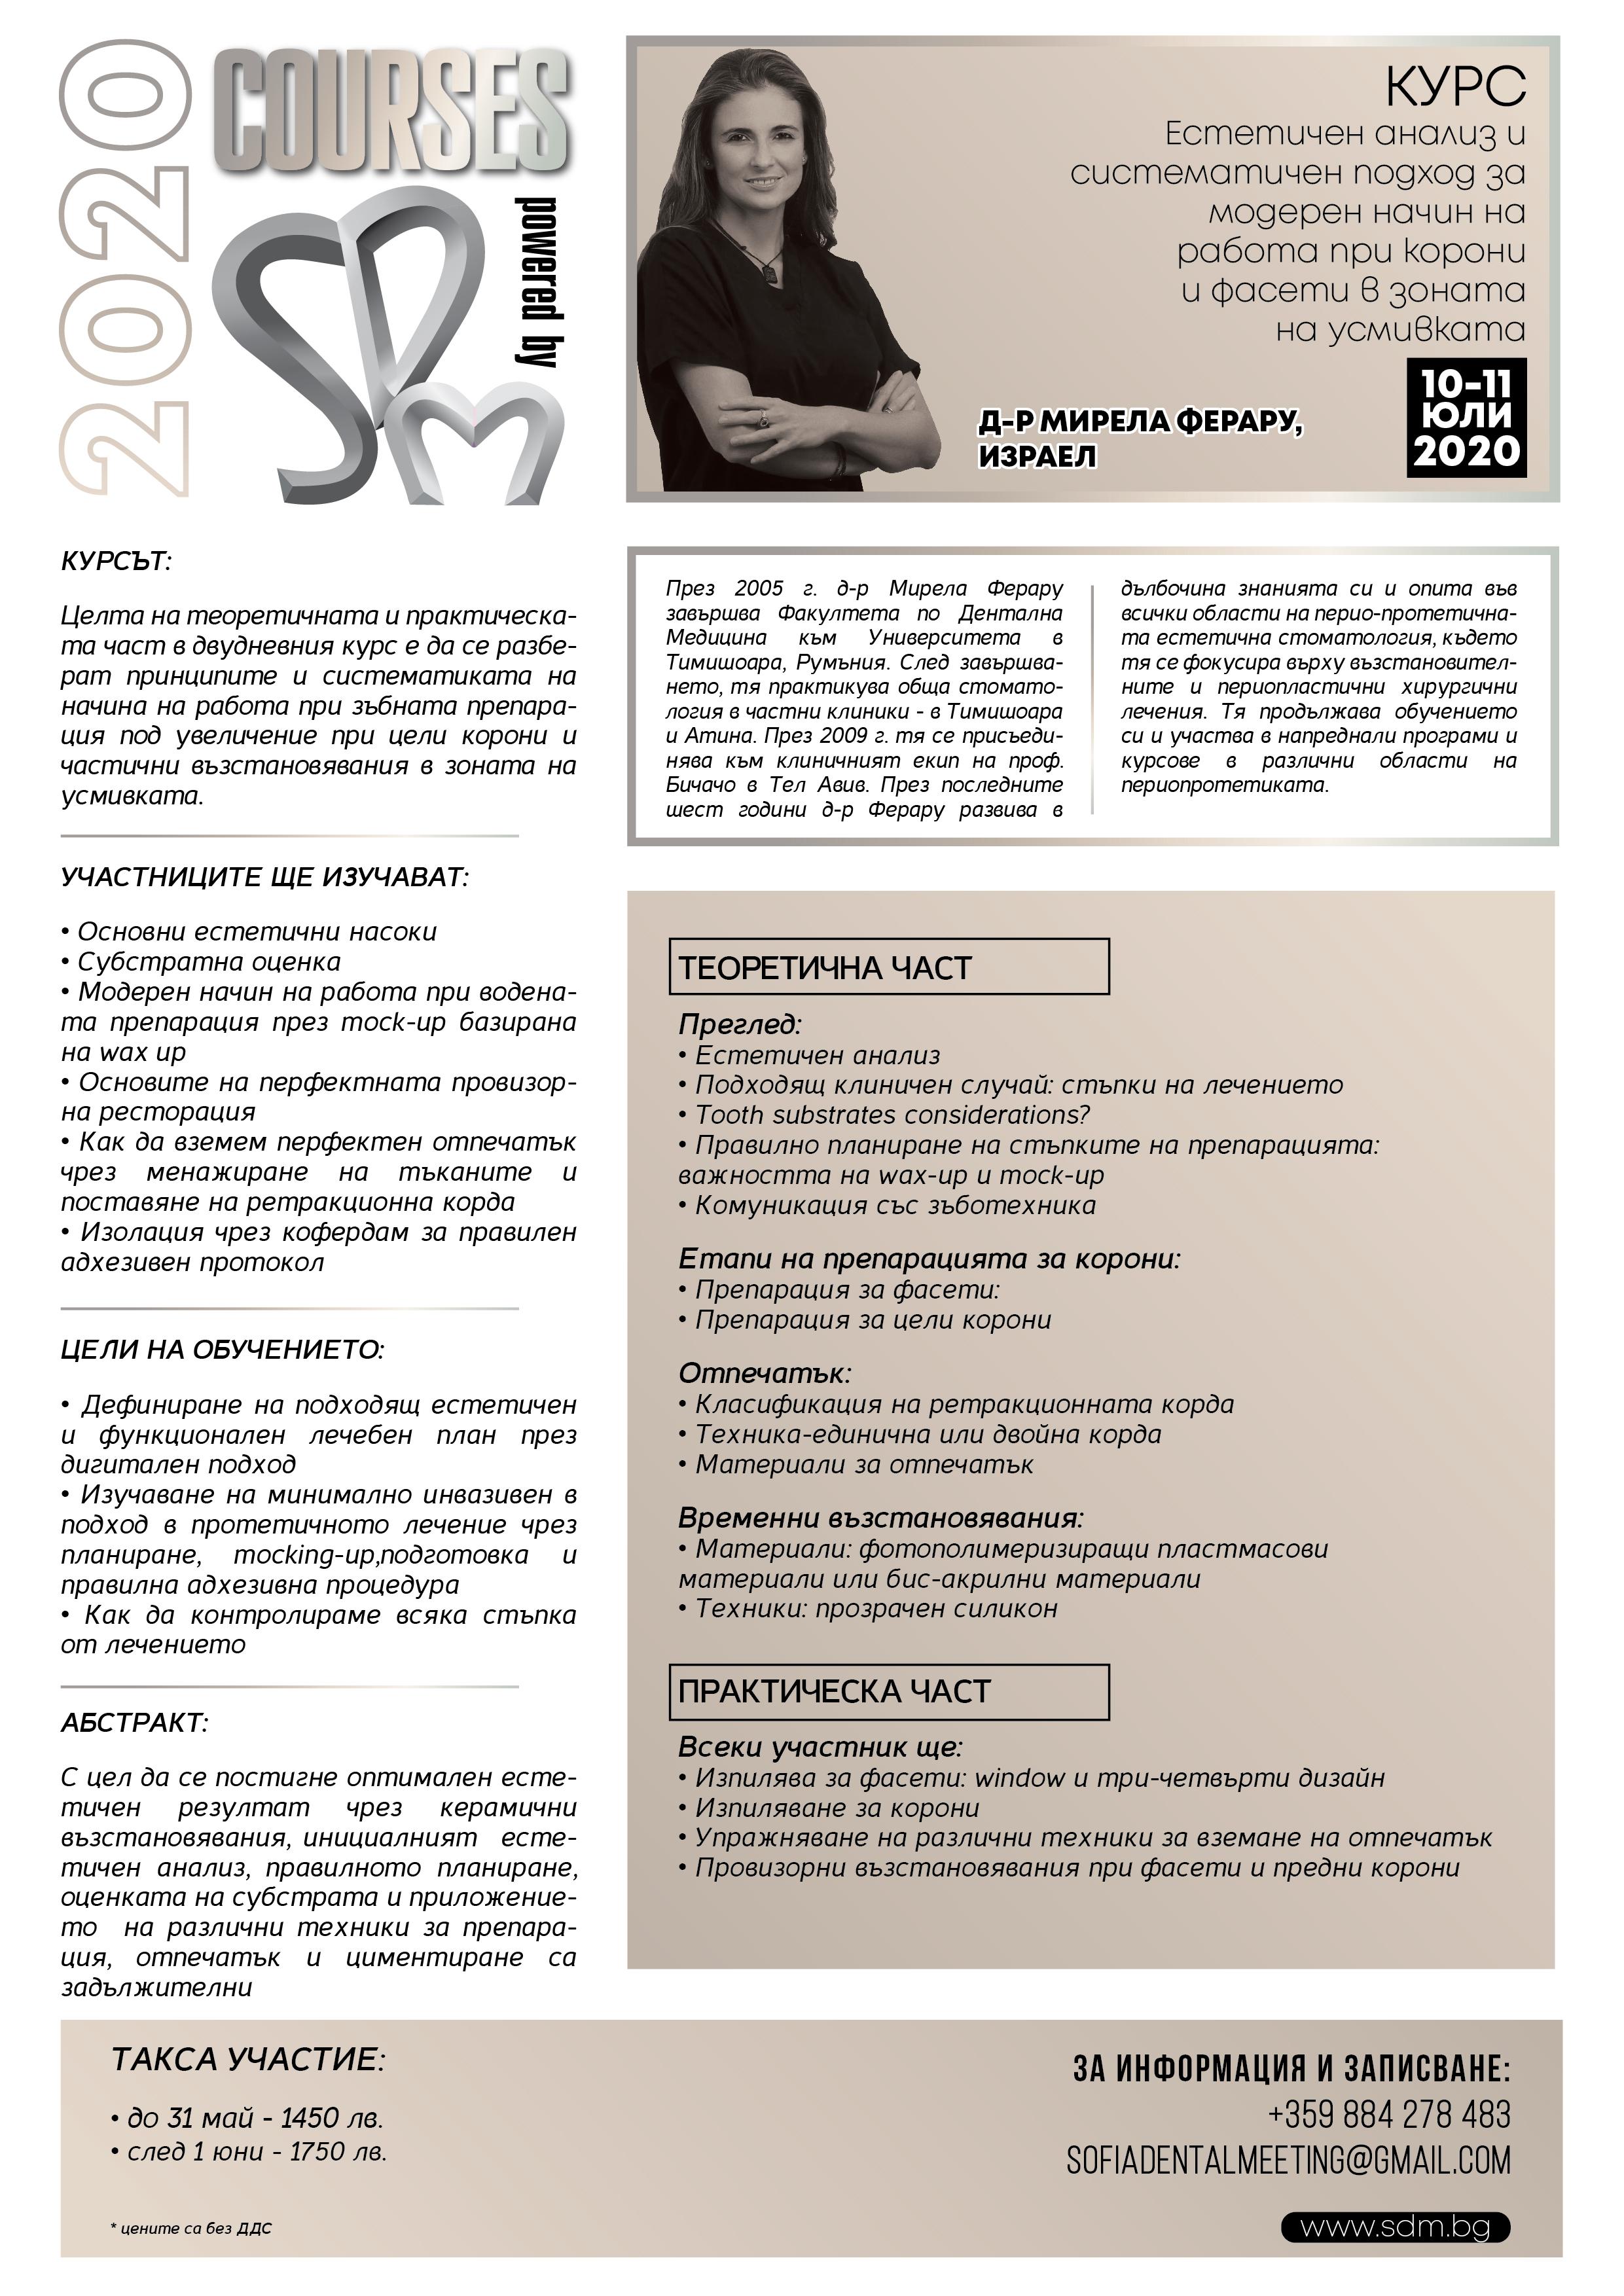 """Курс """"Естетичен анализ и систематичен подход за модерен начин на работа при корони и фасети в зоната на усмивката"""" - д-р Мирела Ферару"""